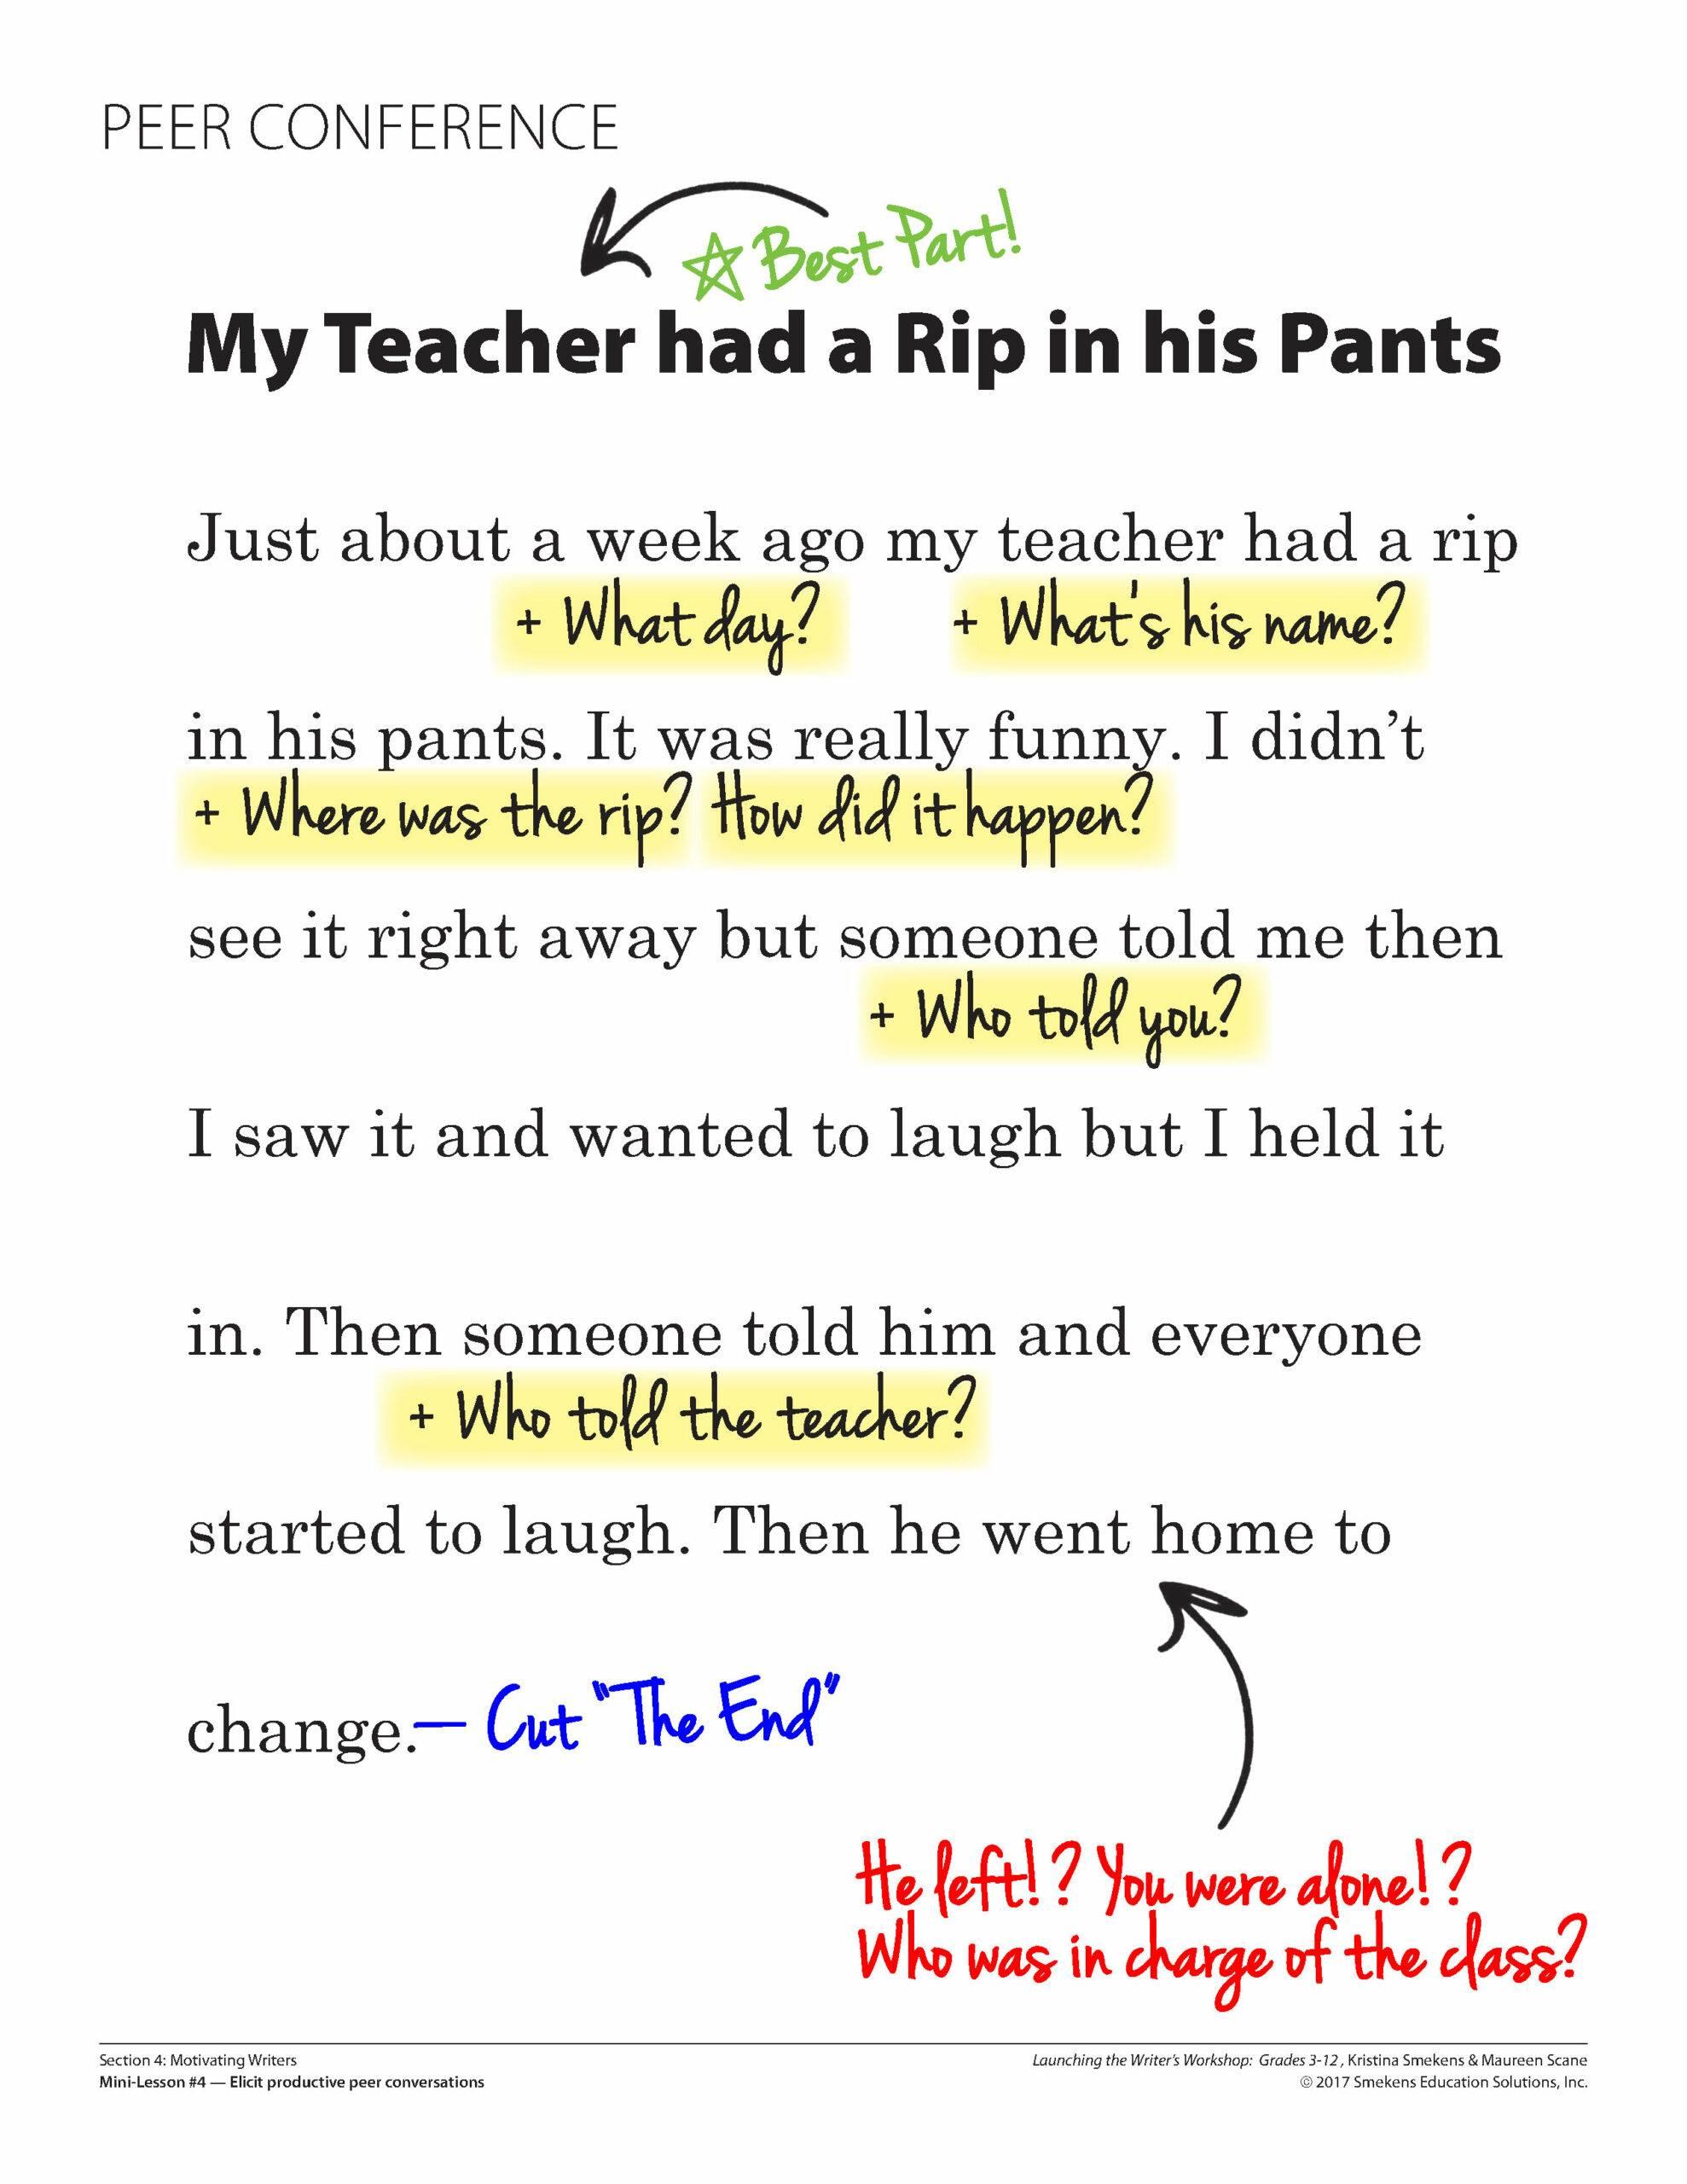 Grade 4 Student Sample: Rip in Pants Original